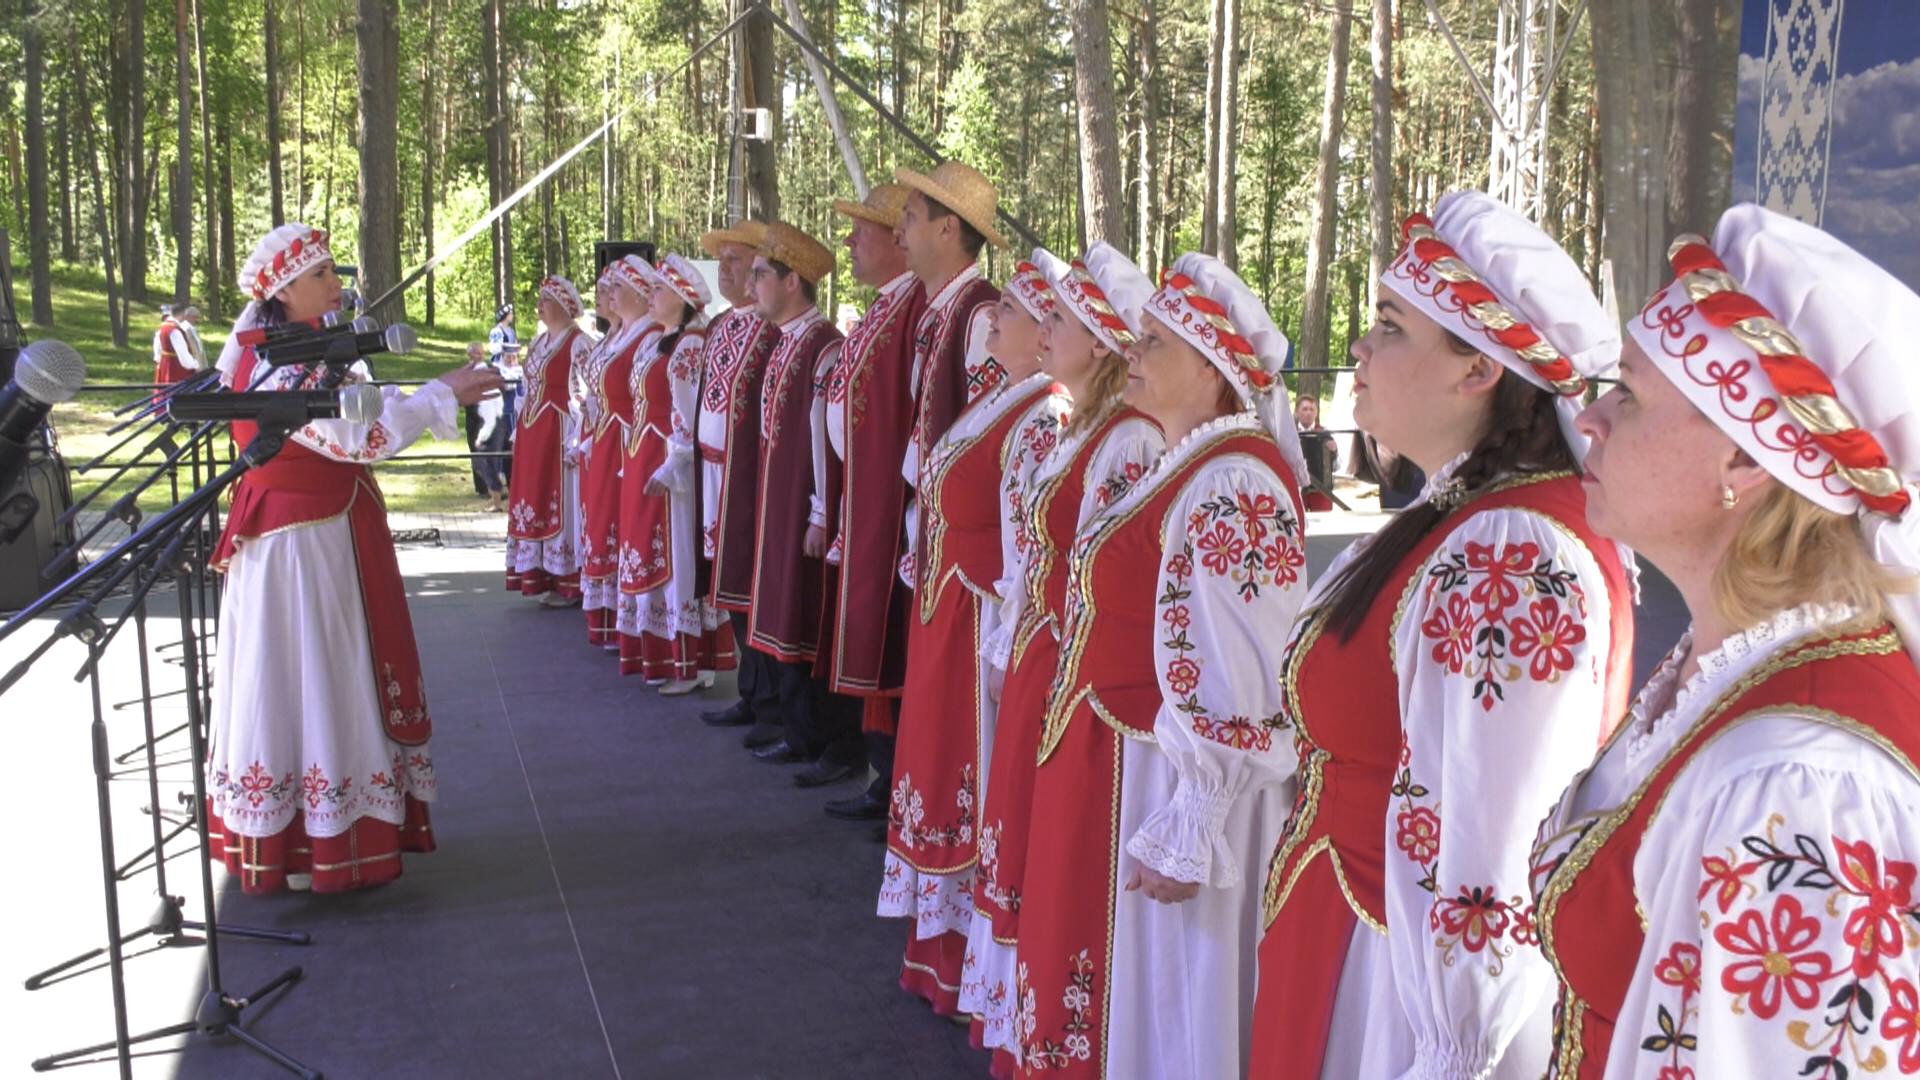 zarnicy - Фестиваль «Браславские зарницы - 2021». Как это было? (видео)